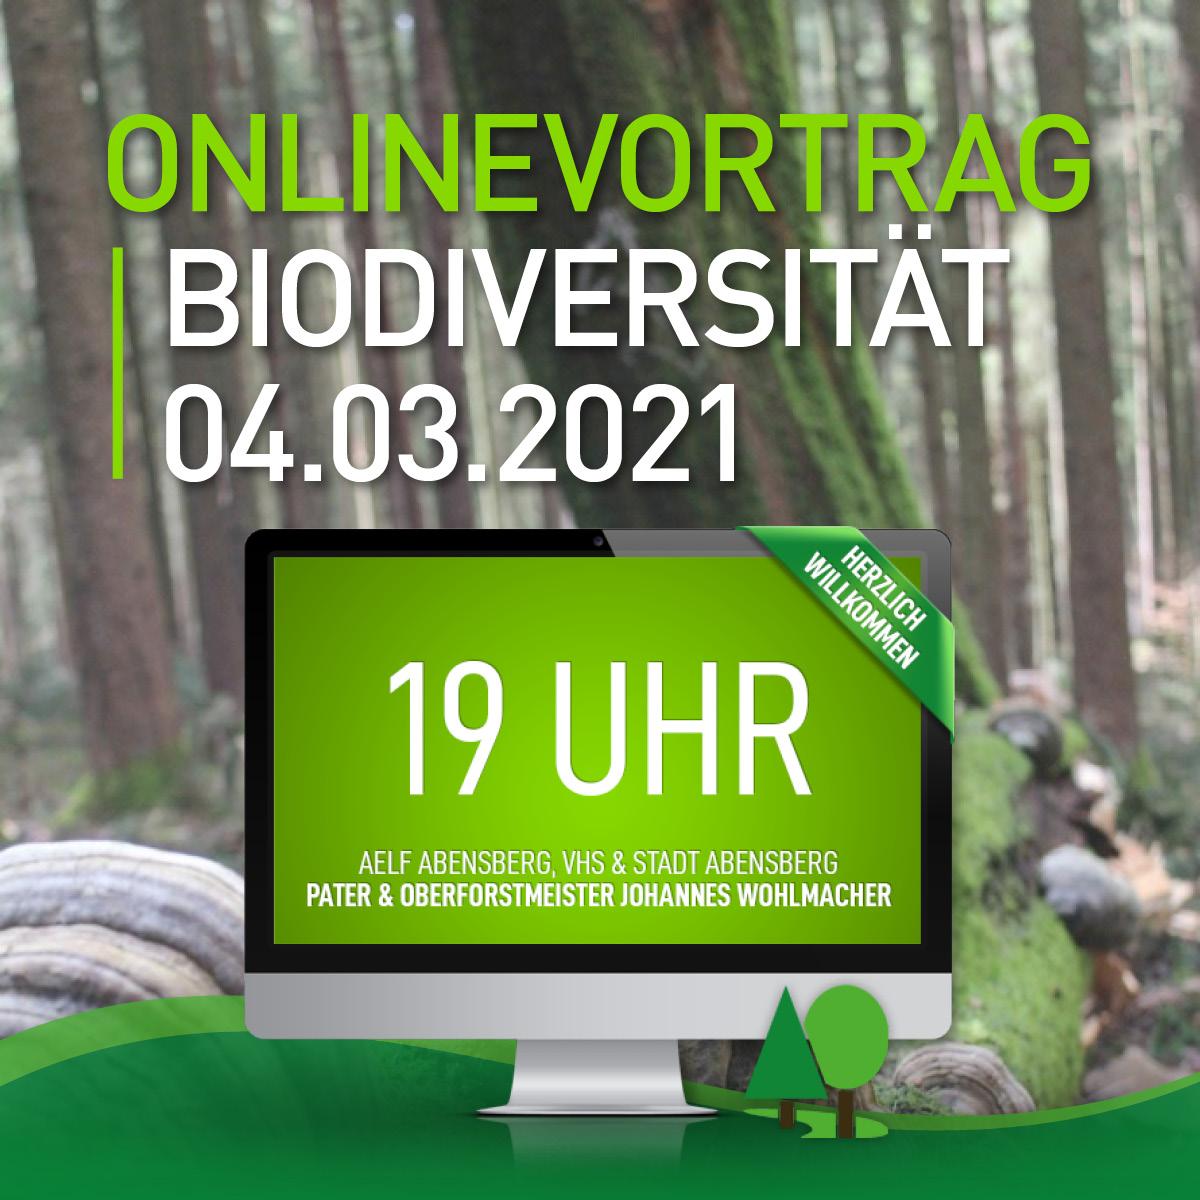 Biodiversität mit Pater & Oberforstmeister Johannes Wohlmacher